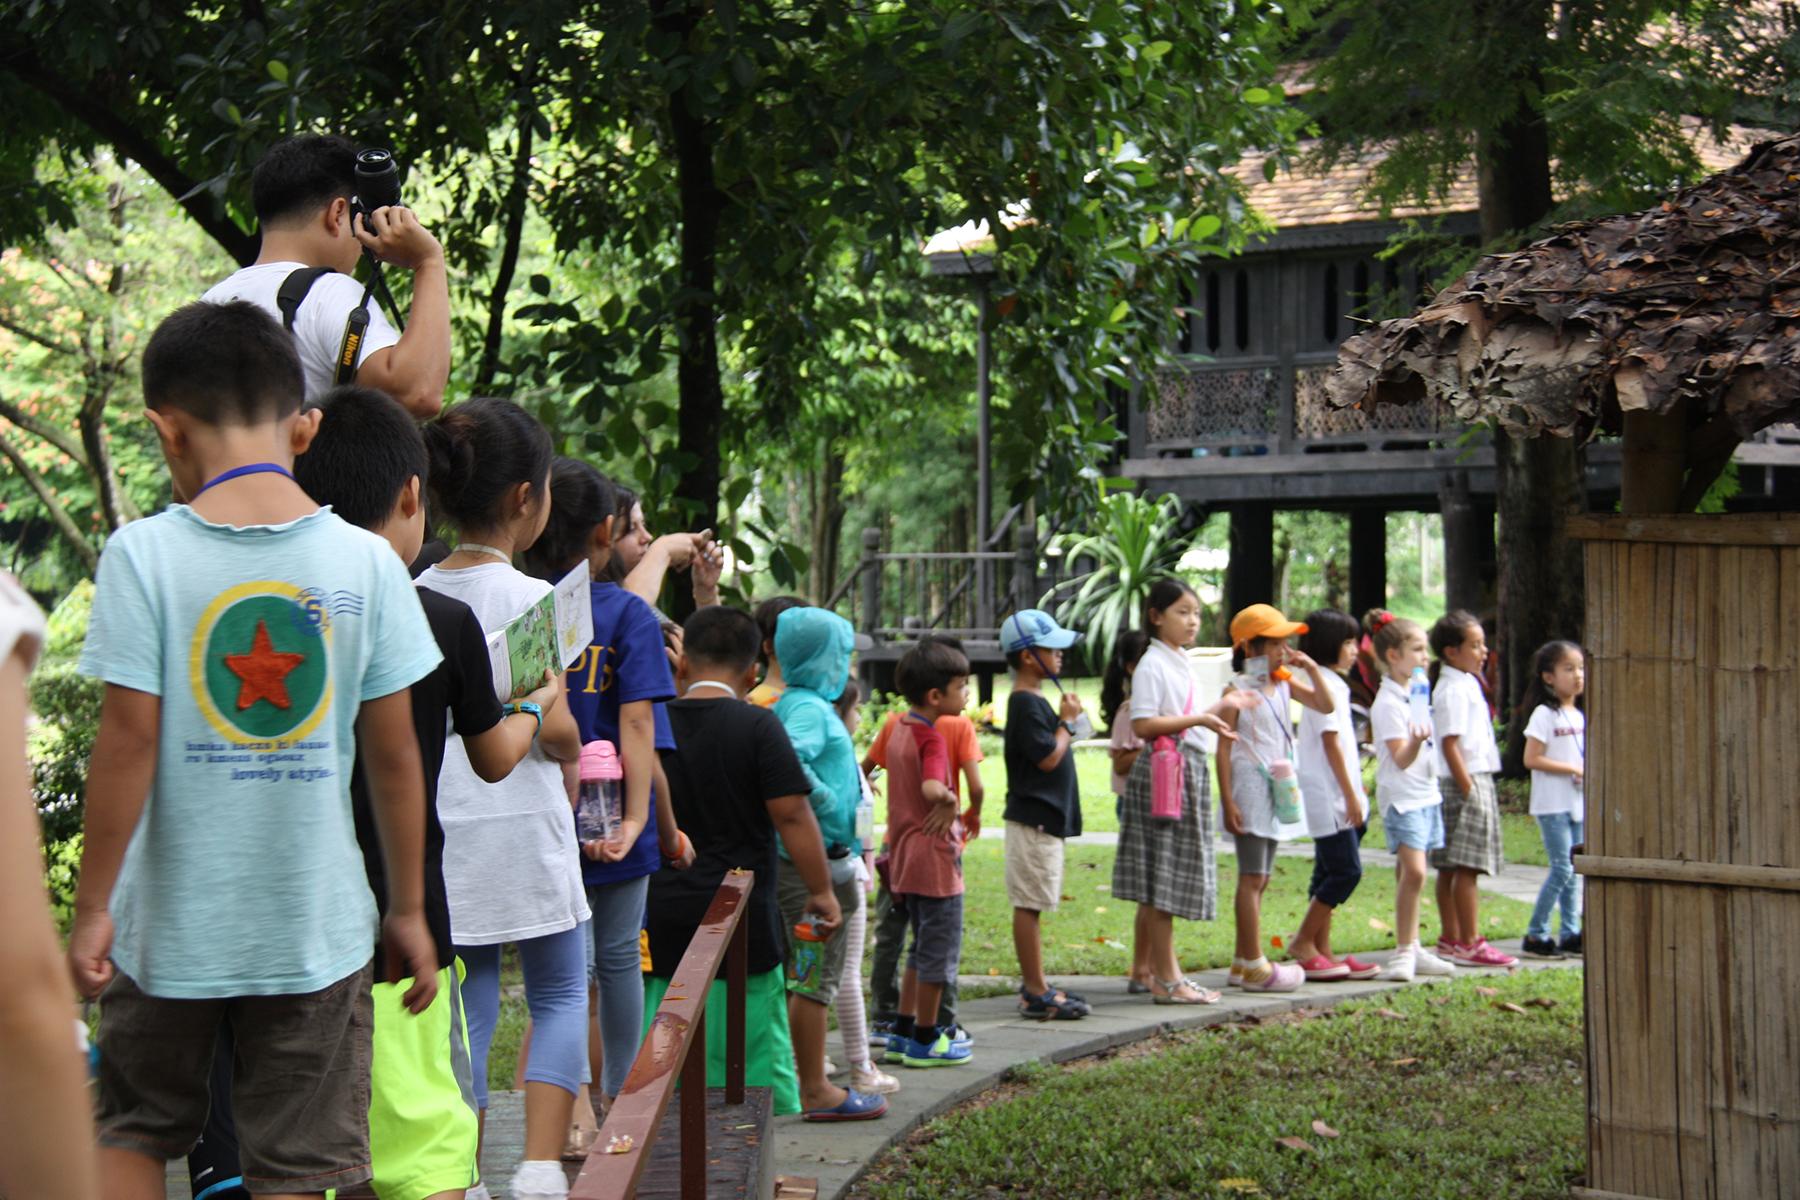 โรงเรียนนานาชาติอเมริกันแปซิฟิก นำคณะครูและนักเรียนเข้าเยี่ยมชมพิพิธภัณฑ์เรือนโบราณล้านนา ในวันพุธที่ 13 กันยายน 2560